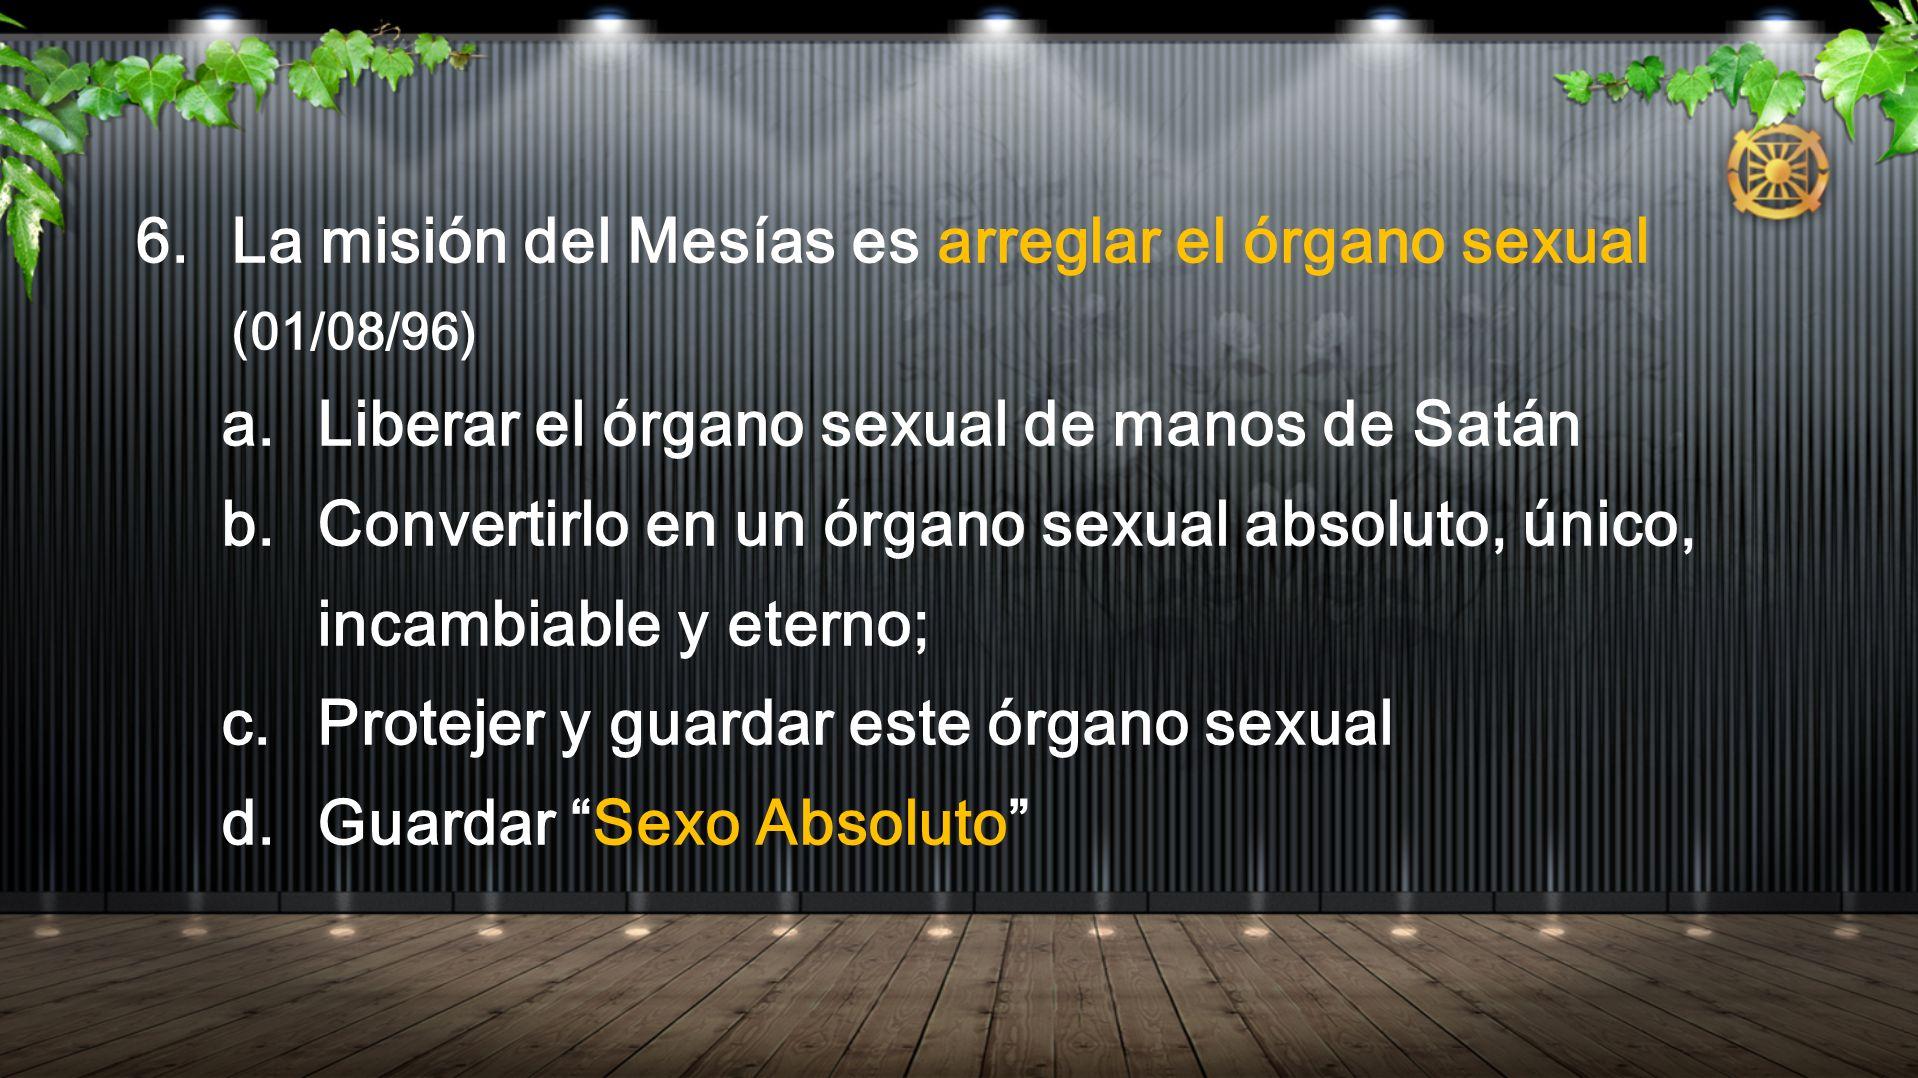 La misión del Mesías es arreglar el órgano sexual (01/08/96)